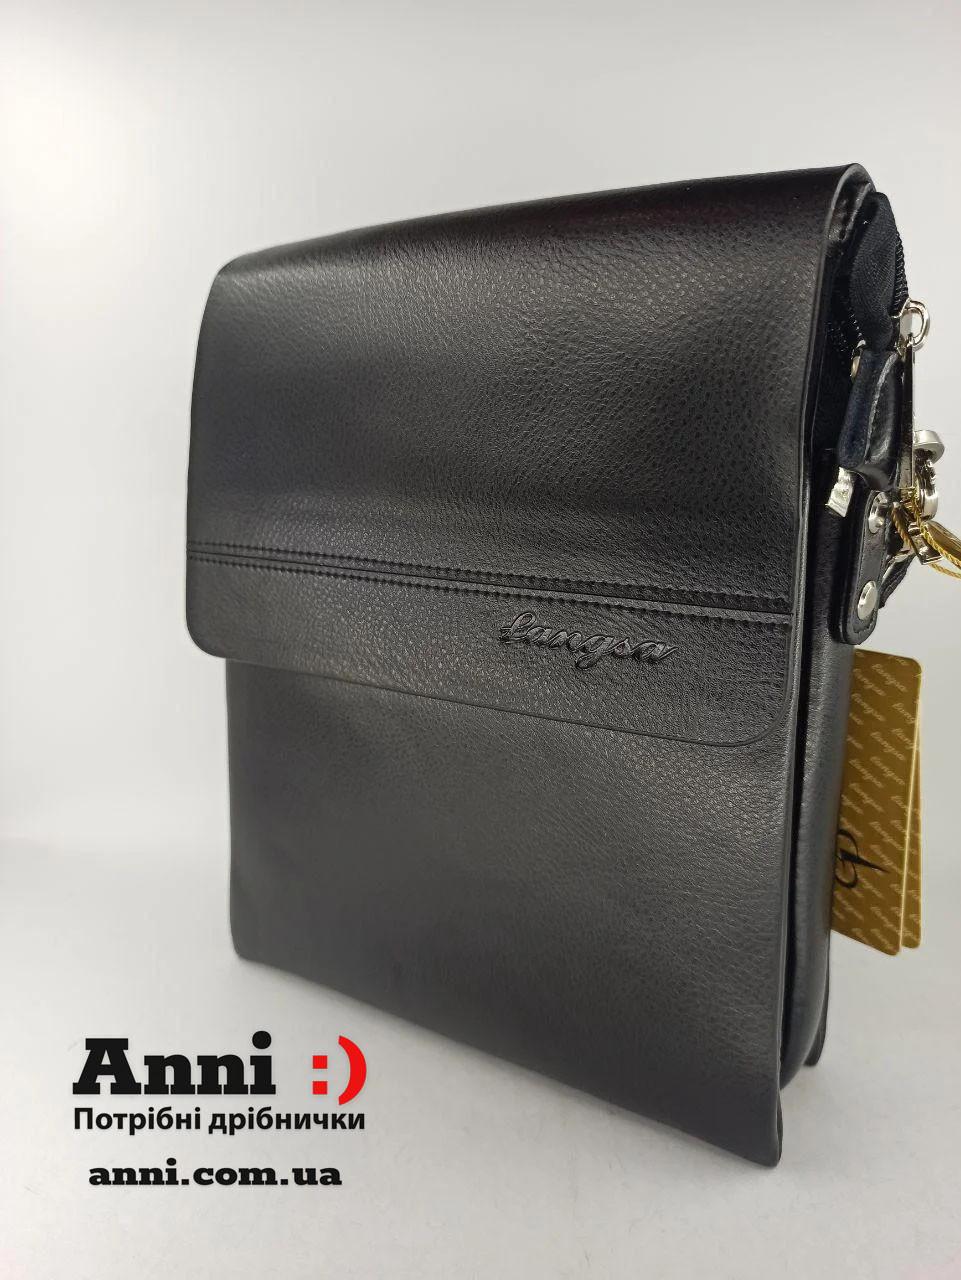 Мужская кожаная сумка планшет через плечо 20см * 17см Langsa B3385-1